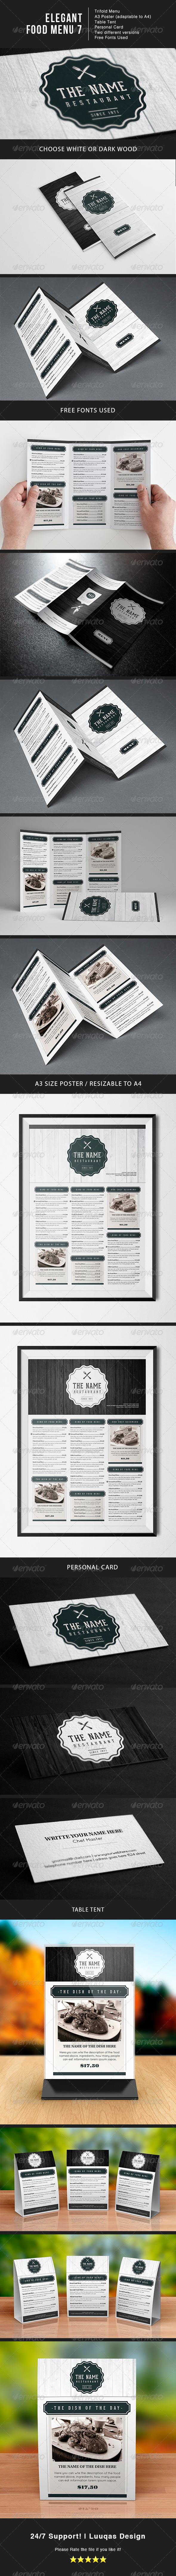 Elegant Food Menu 7 - Food Menus Print Templates